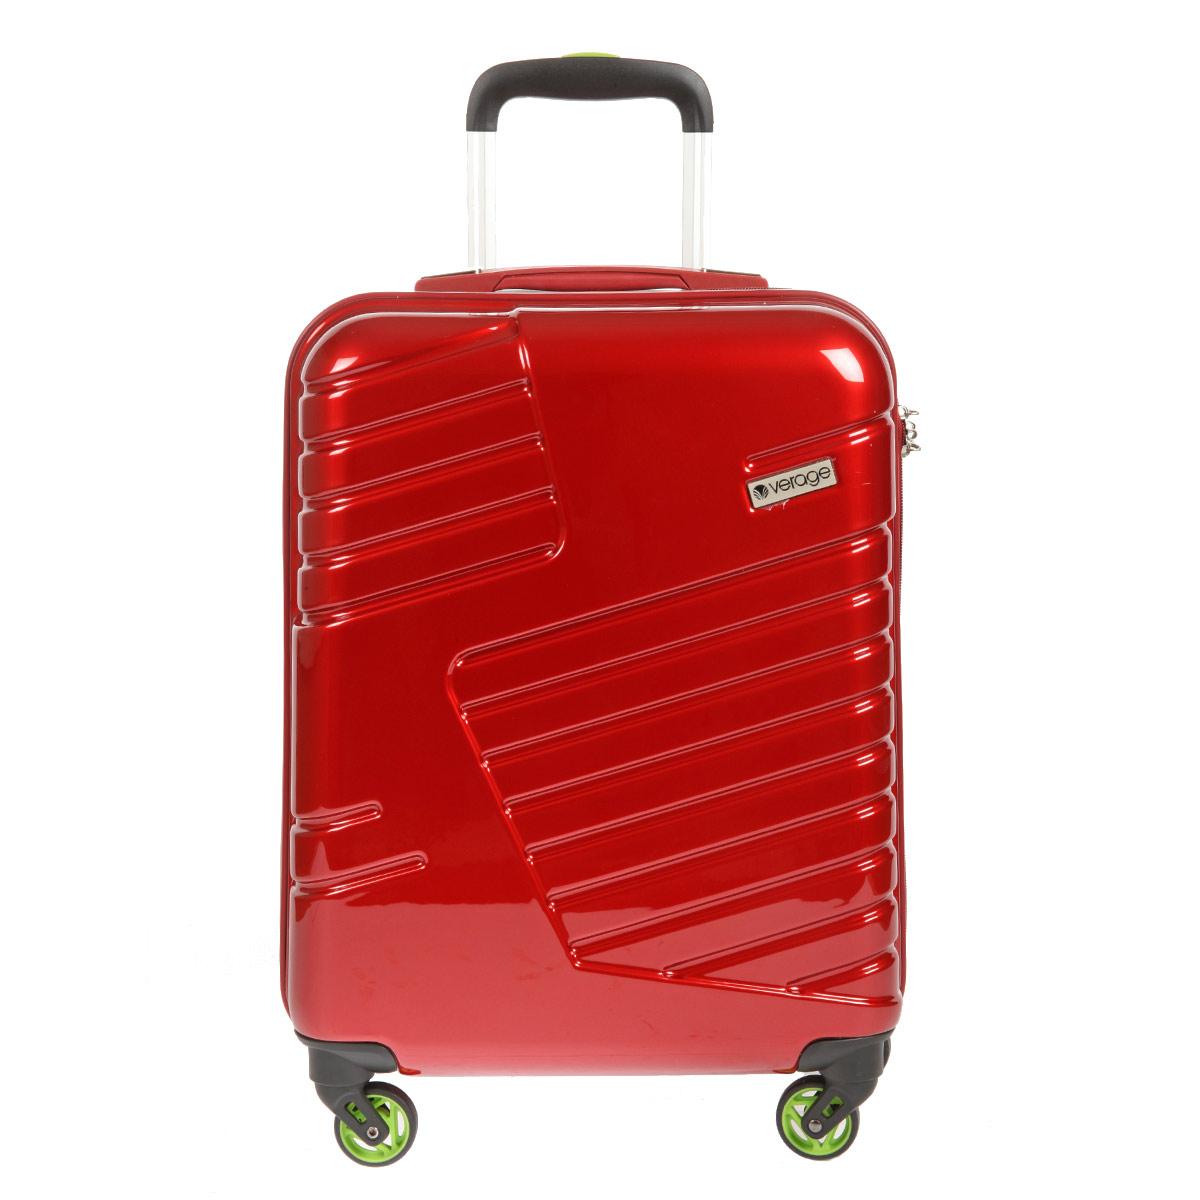 Чемодан-тележка Verage, цвет: красный, 31 л. GM14042w 20Костюм Охотник-Штурм: куртка, брюкиЧемодан-тележка Verage оснащен четырьмя колесиками, вращающимися на 360°. Закрывается по периметру на двухстороннюю молнию. Верхняя и боковая ручки обеспечивают удобство транспортировки. Внутри два отдела для одежды, которые фиксируются эластичными резинками на застежках. Также внутри расположен один сетчатый карман на застежке-молнии. Встроенный кодовый замок с функцией TSA. Чемодан оснащен выдвижной ручкой, максимальная высота которой 57 см.